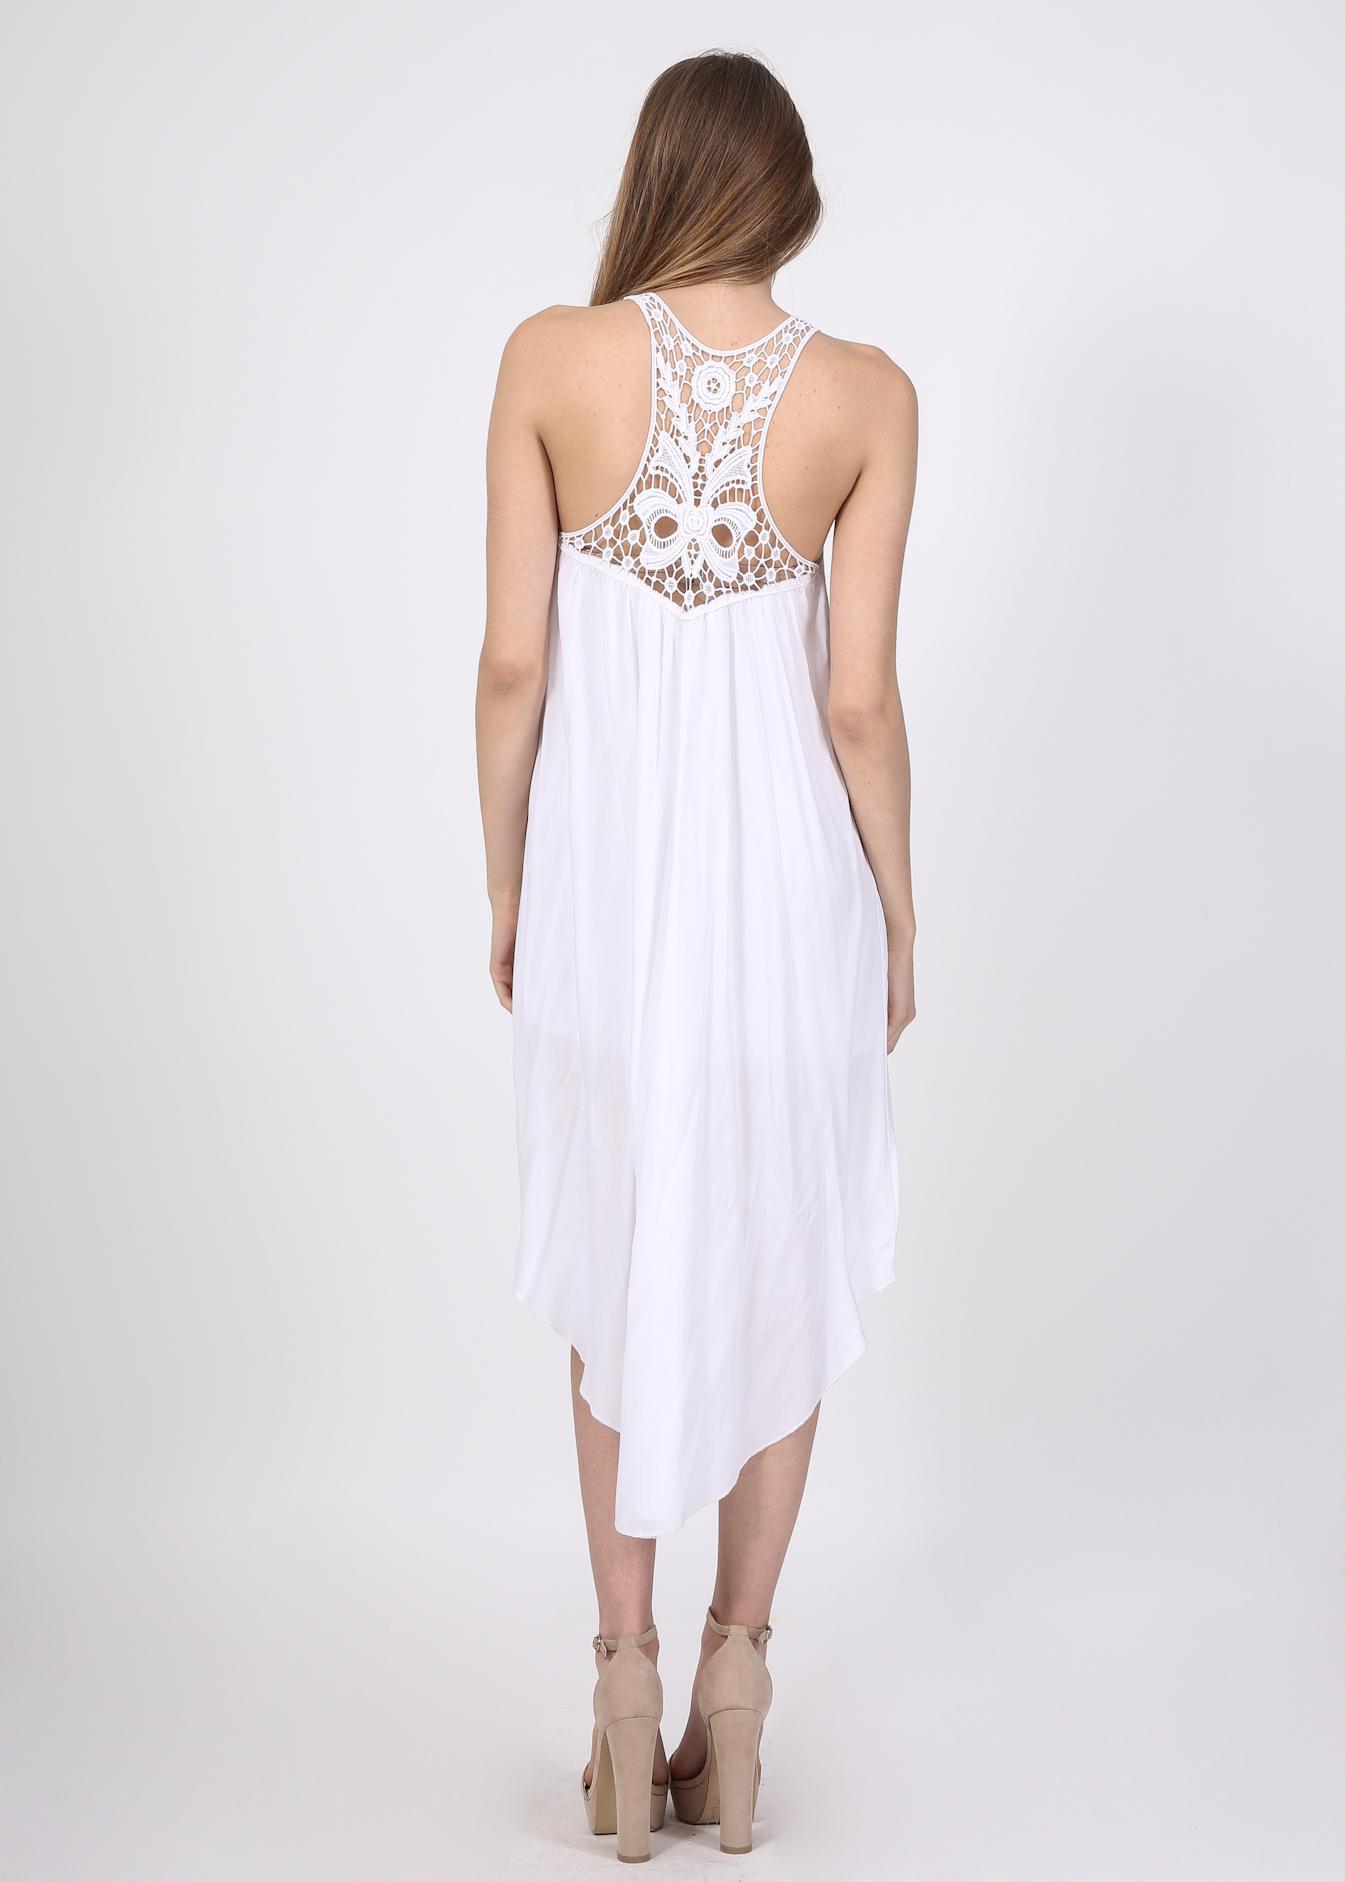 Arizona ασύμμετρο φόρεμα, λευκό ρούχα